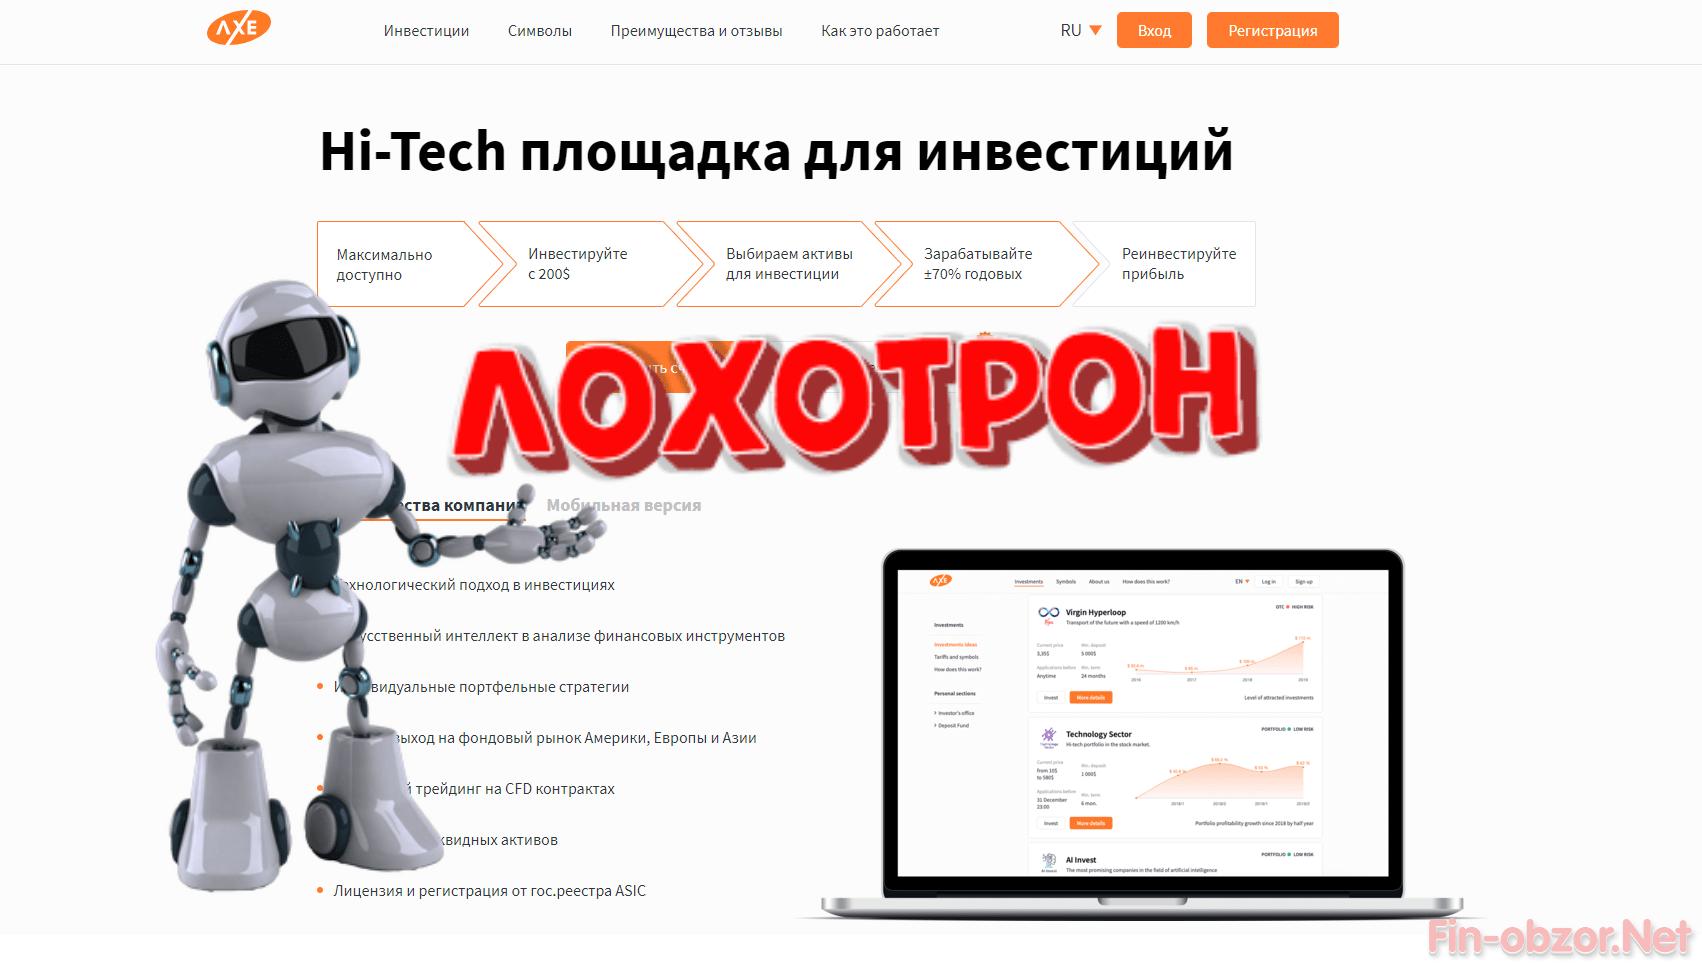 Брокер Axe&Co - какие отзывы Репутация axe-co.com